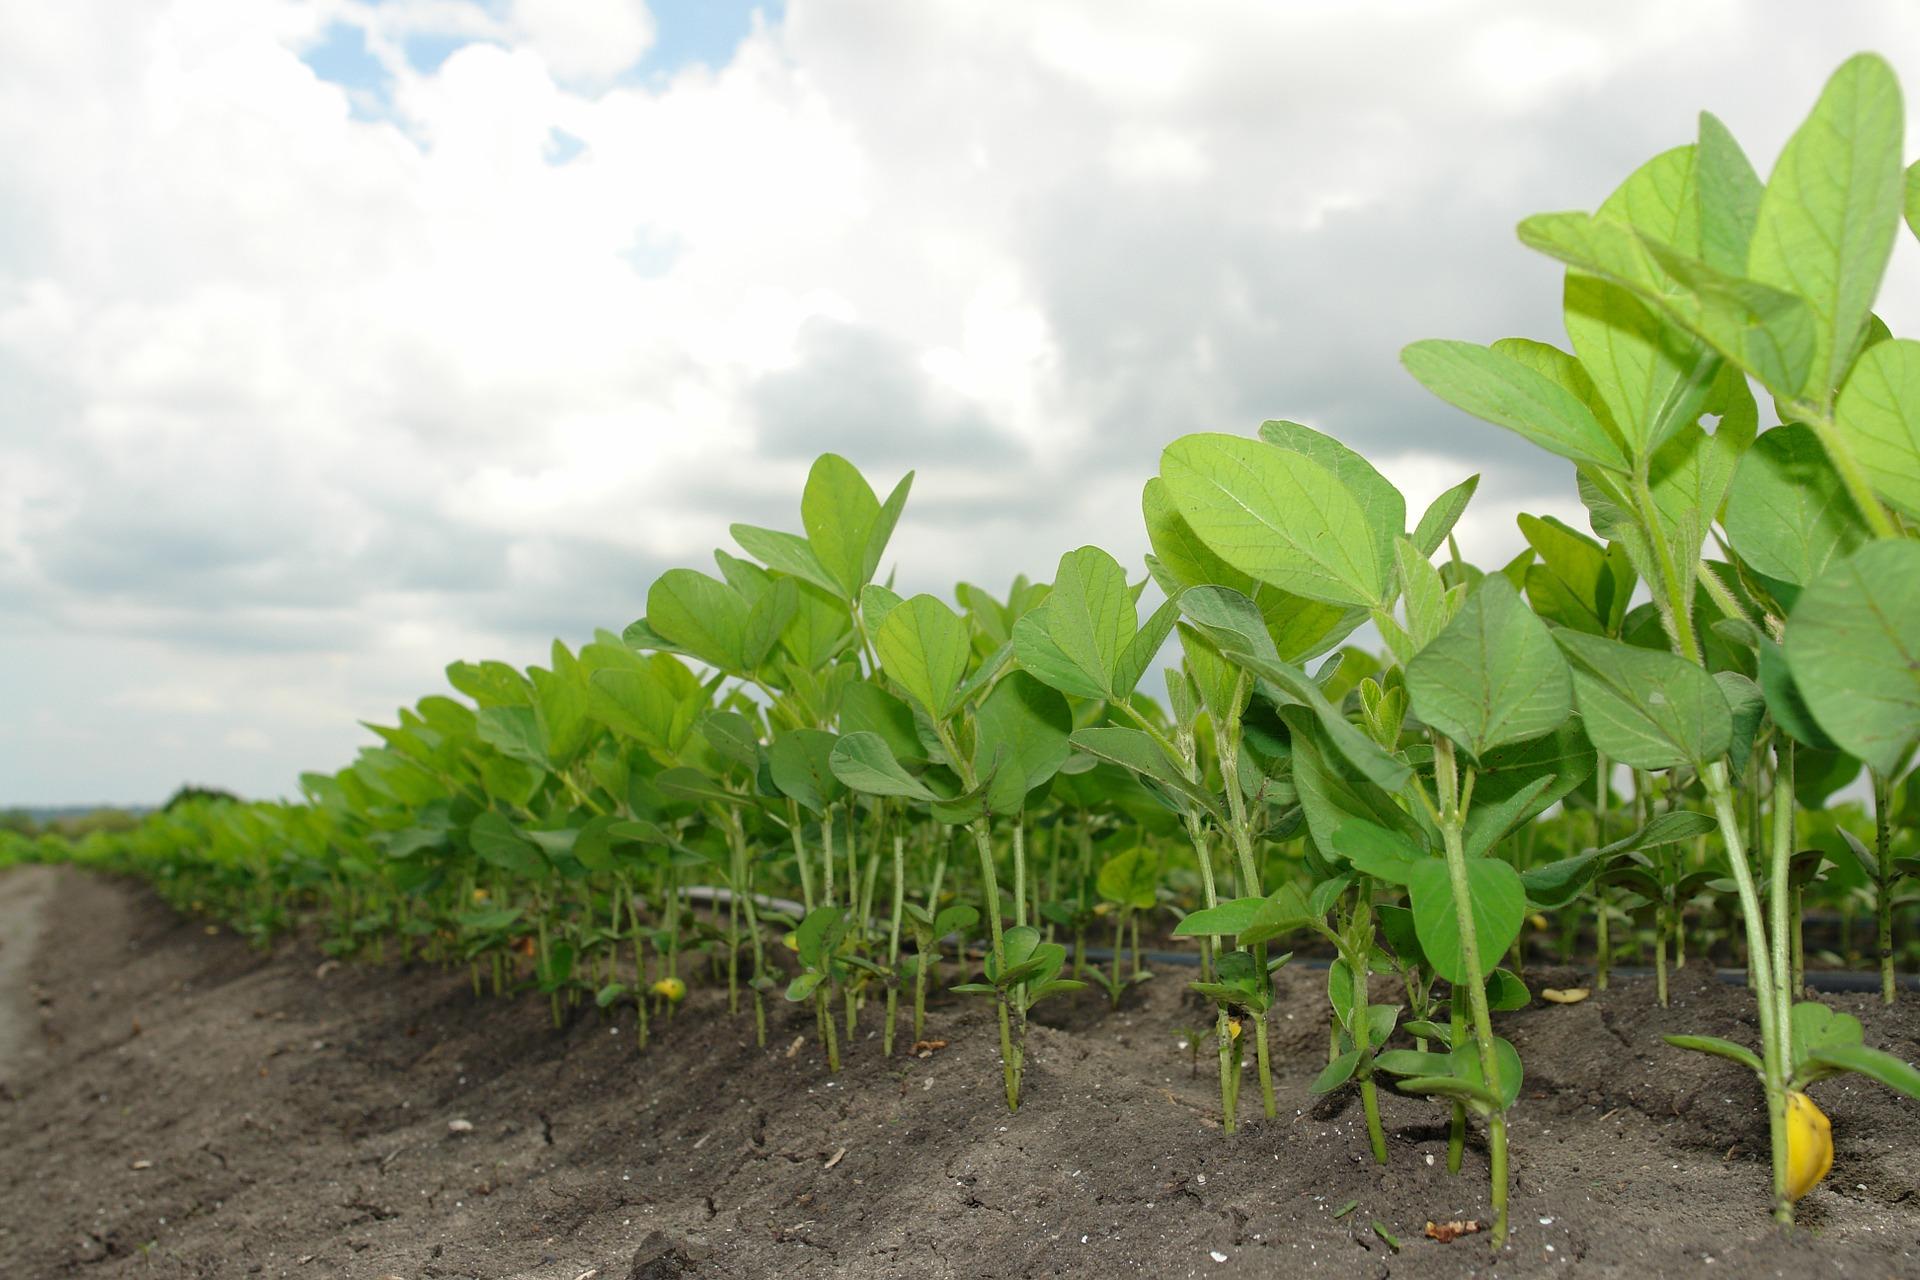 Alianza por el Suelo implementa un ambicioso plan para recuperar los suelos de Sudamérica